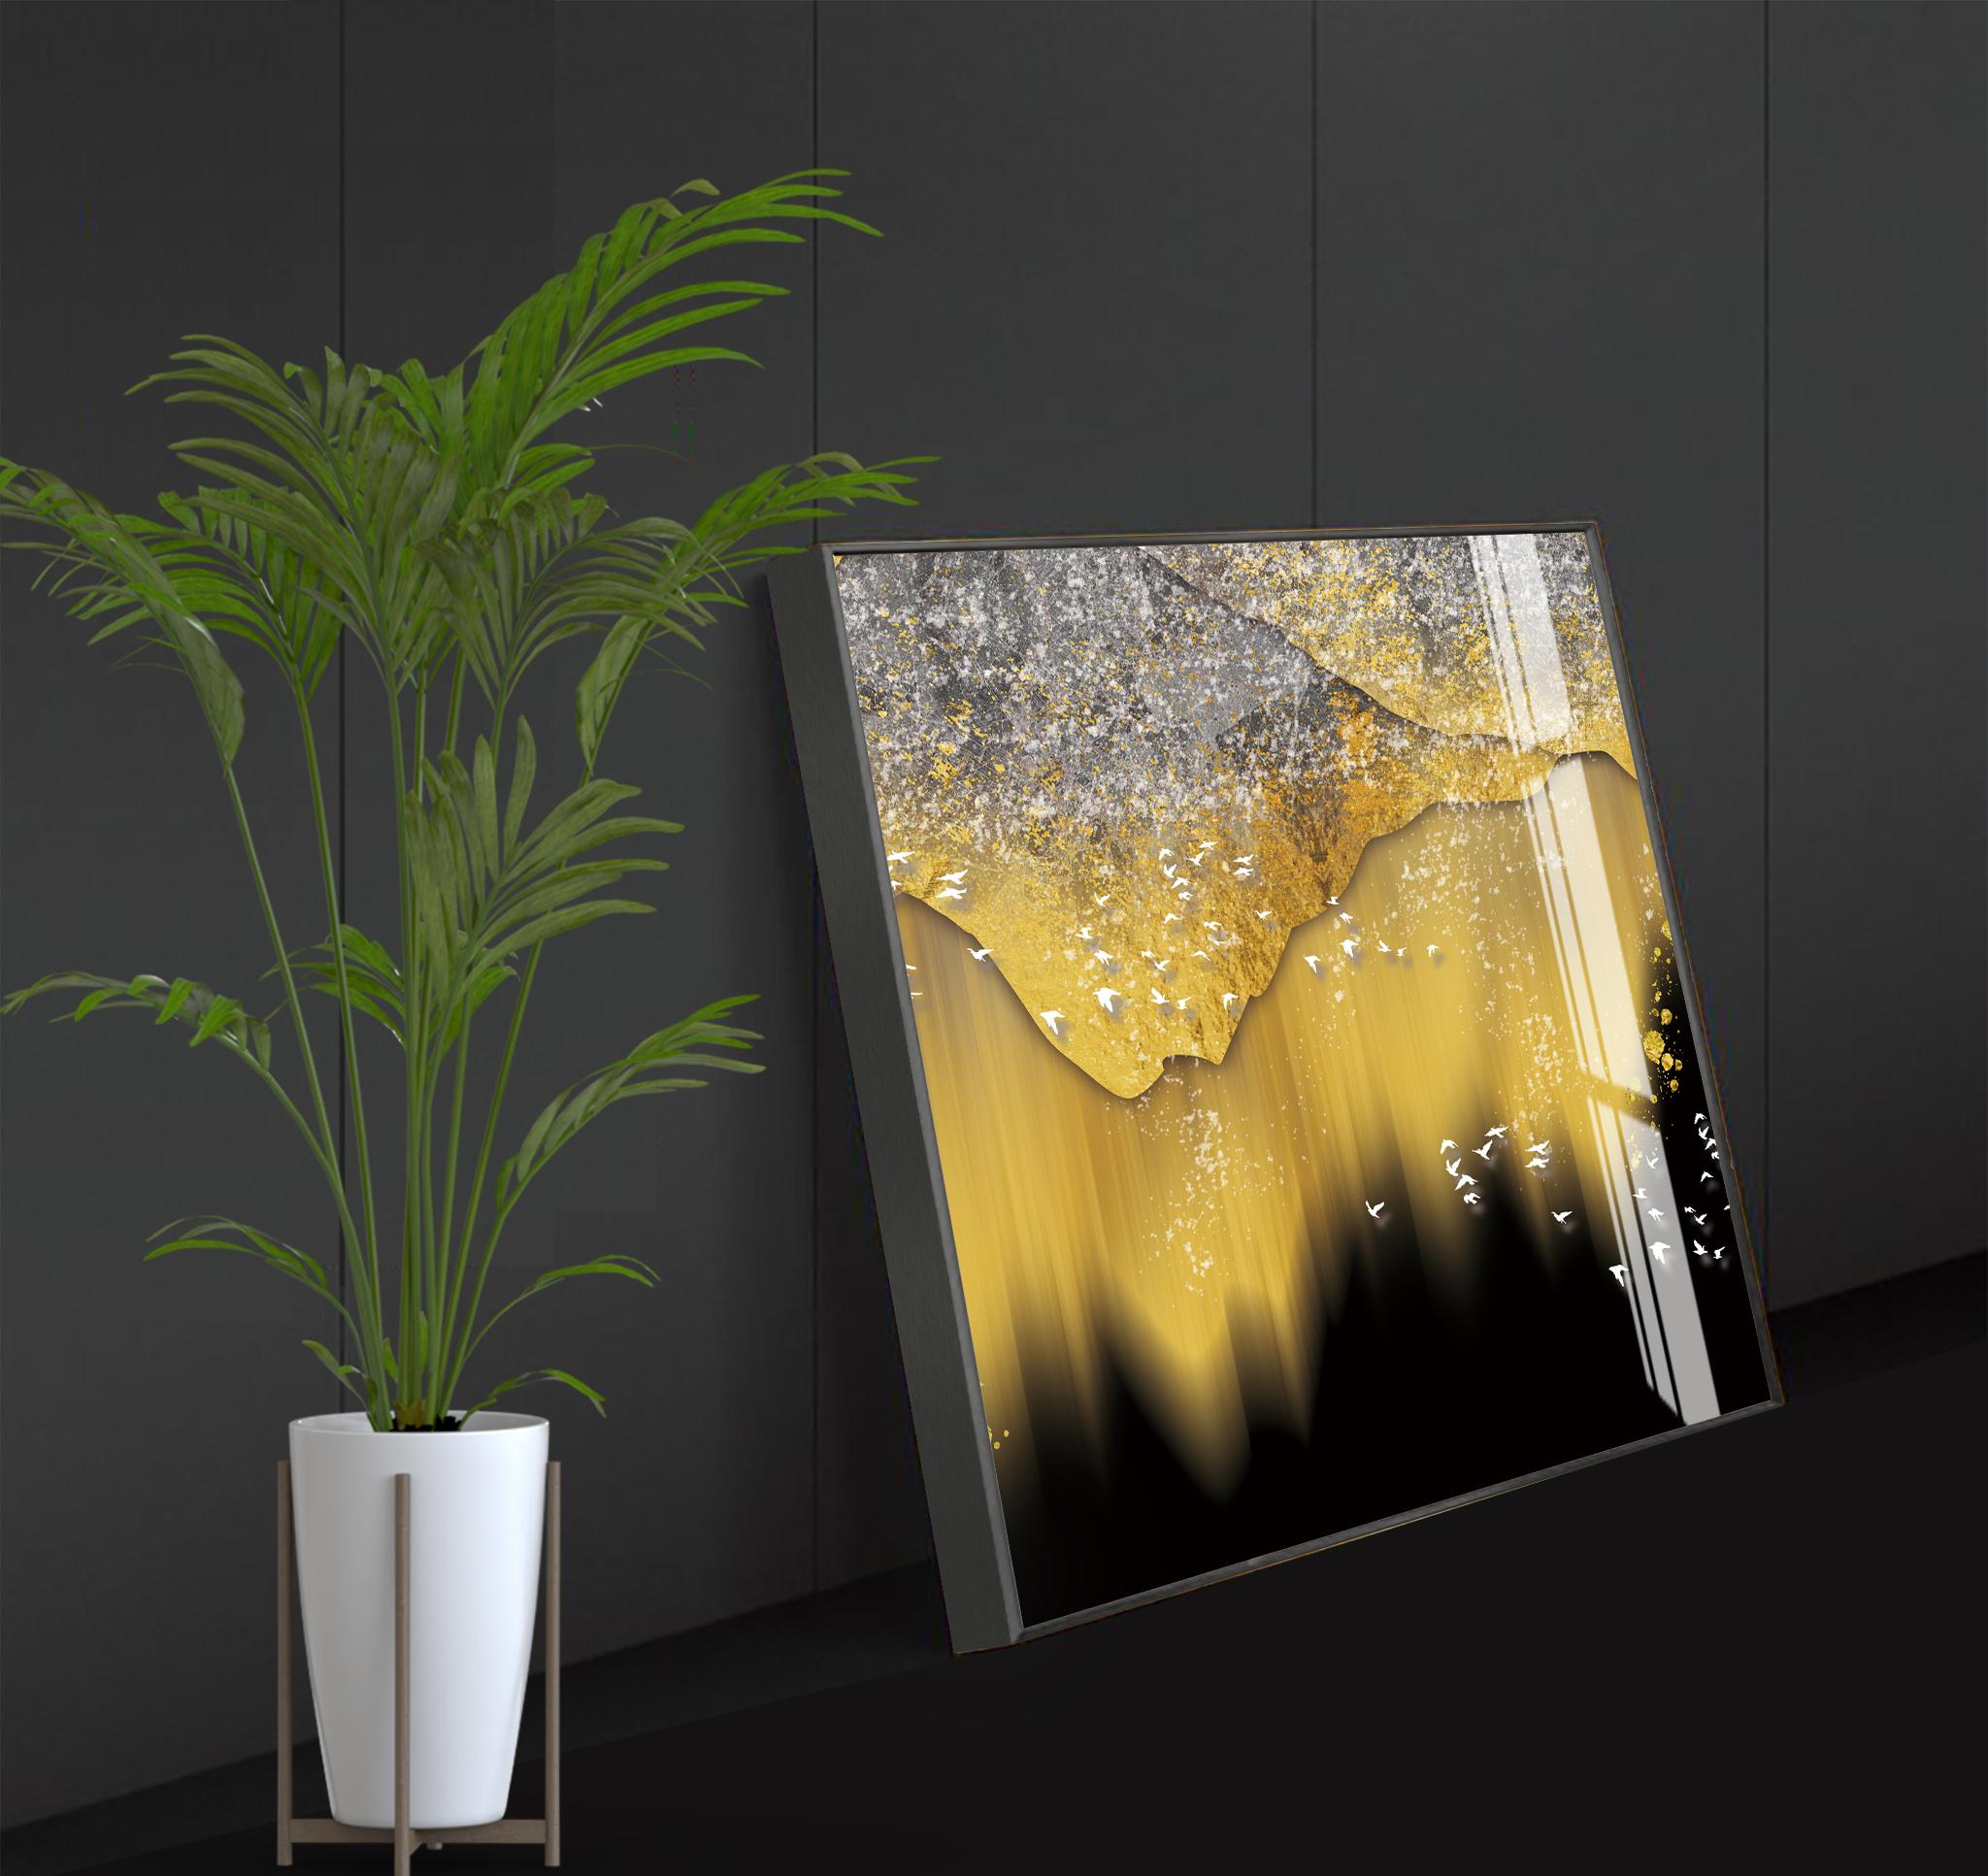 Tranh phong thuỷ Mica 3 bức Giấc mơ vàng trừu tượng (Hải Trung Kim). Model: AZ3-0122. Khung nhôm hoặc Composite. Hình ảnh sắc nét, sang trọng, phù hợp nhiều không trang trí